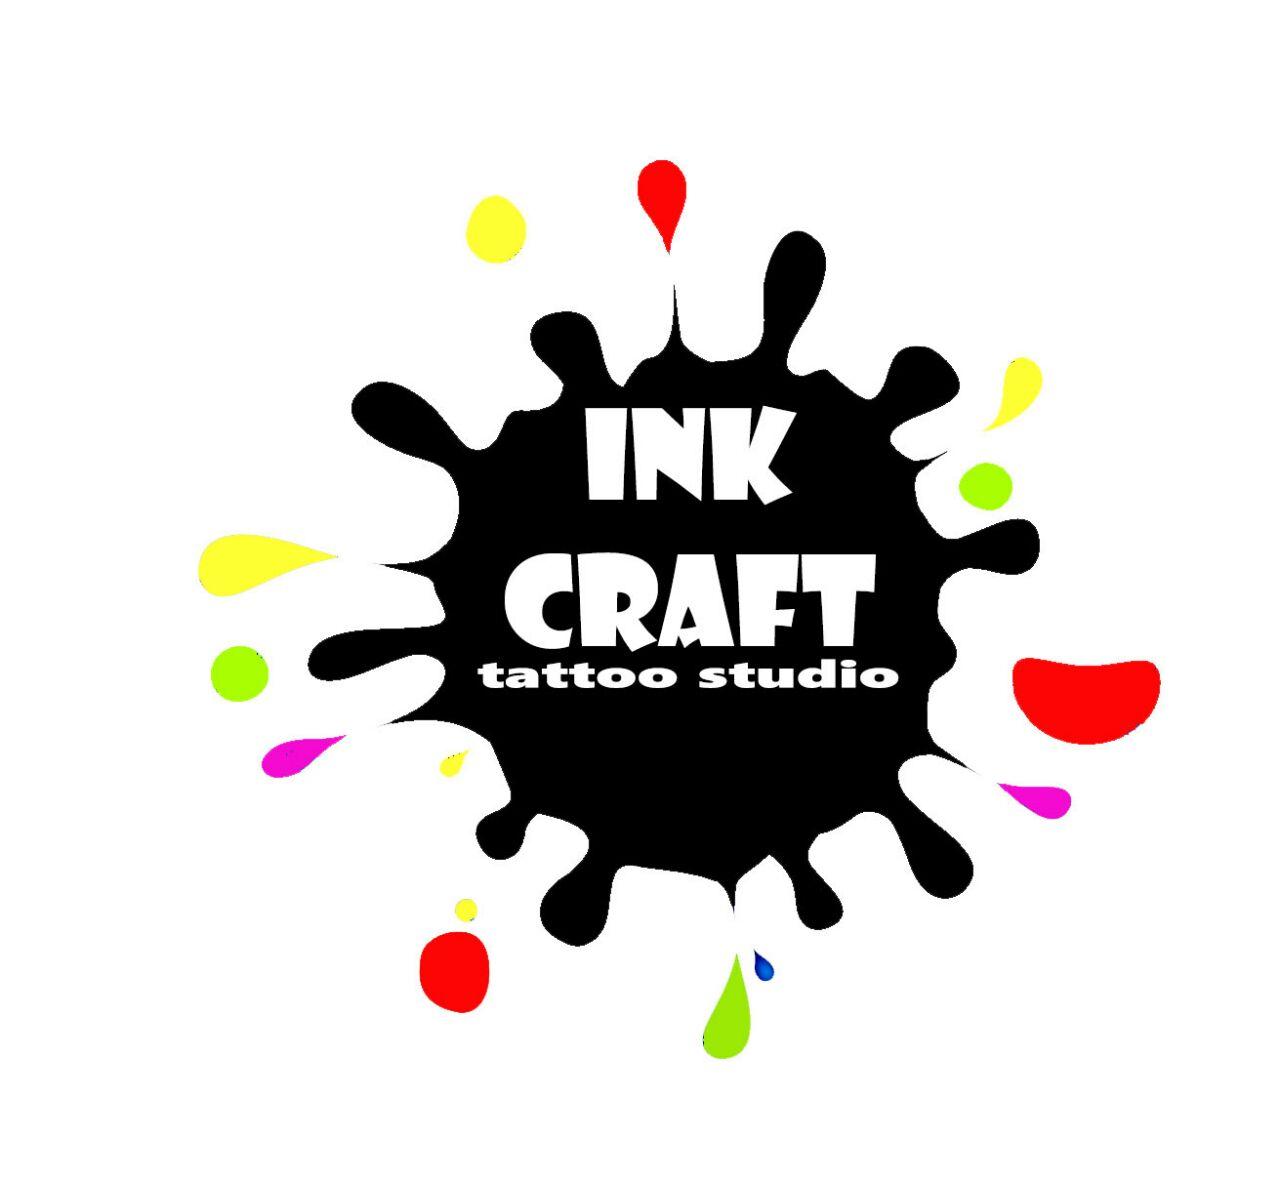 Inkcraft Tattoo Studio